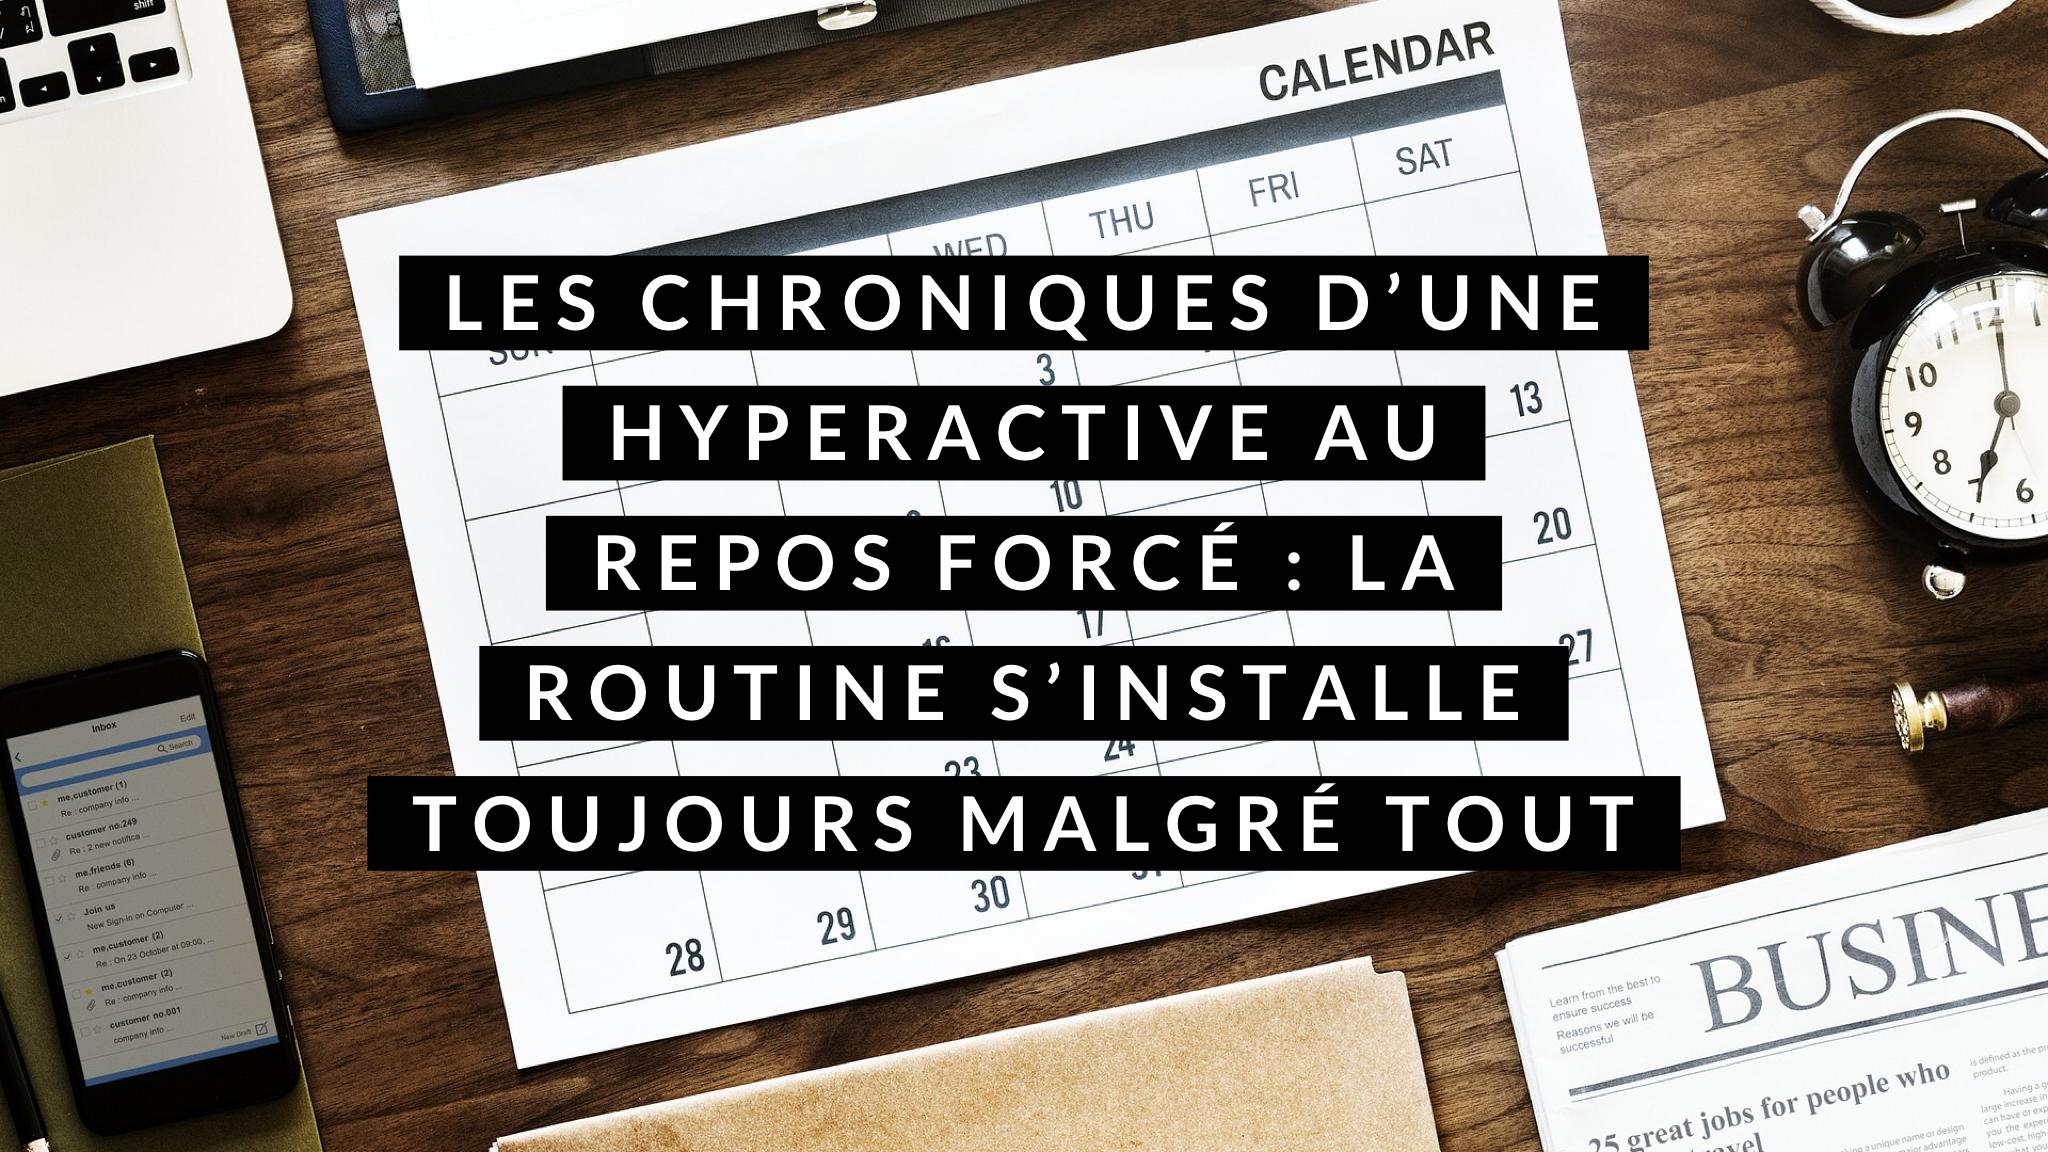 Les chroniques d'une hyperactive : la routine